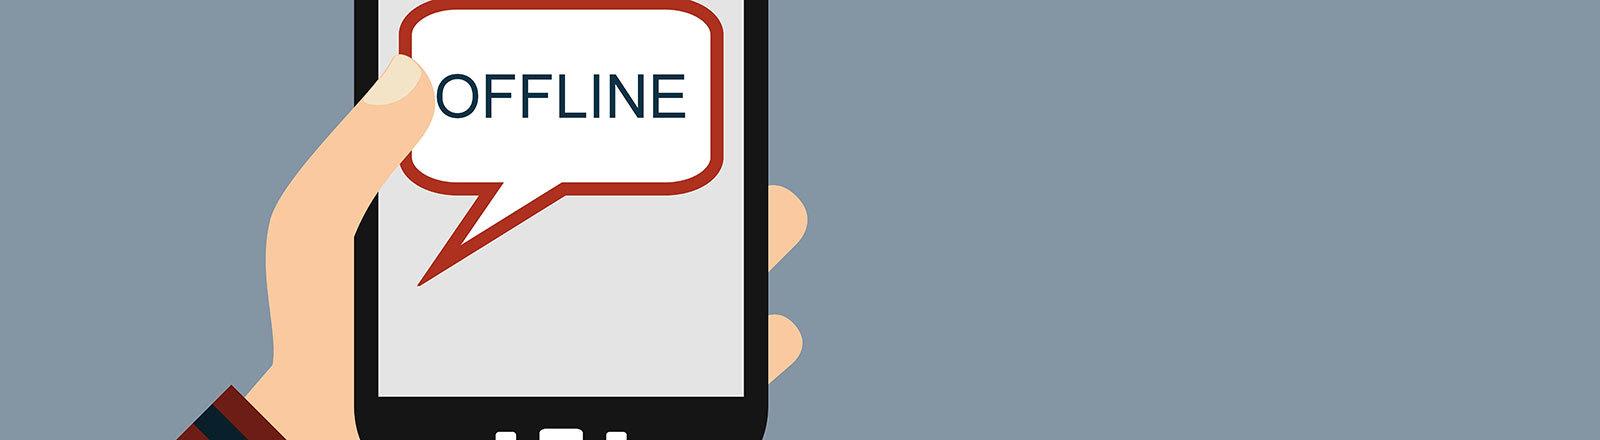 """""""Offline"""" steht auf einem Handy"""